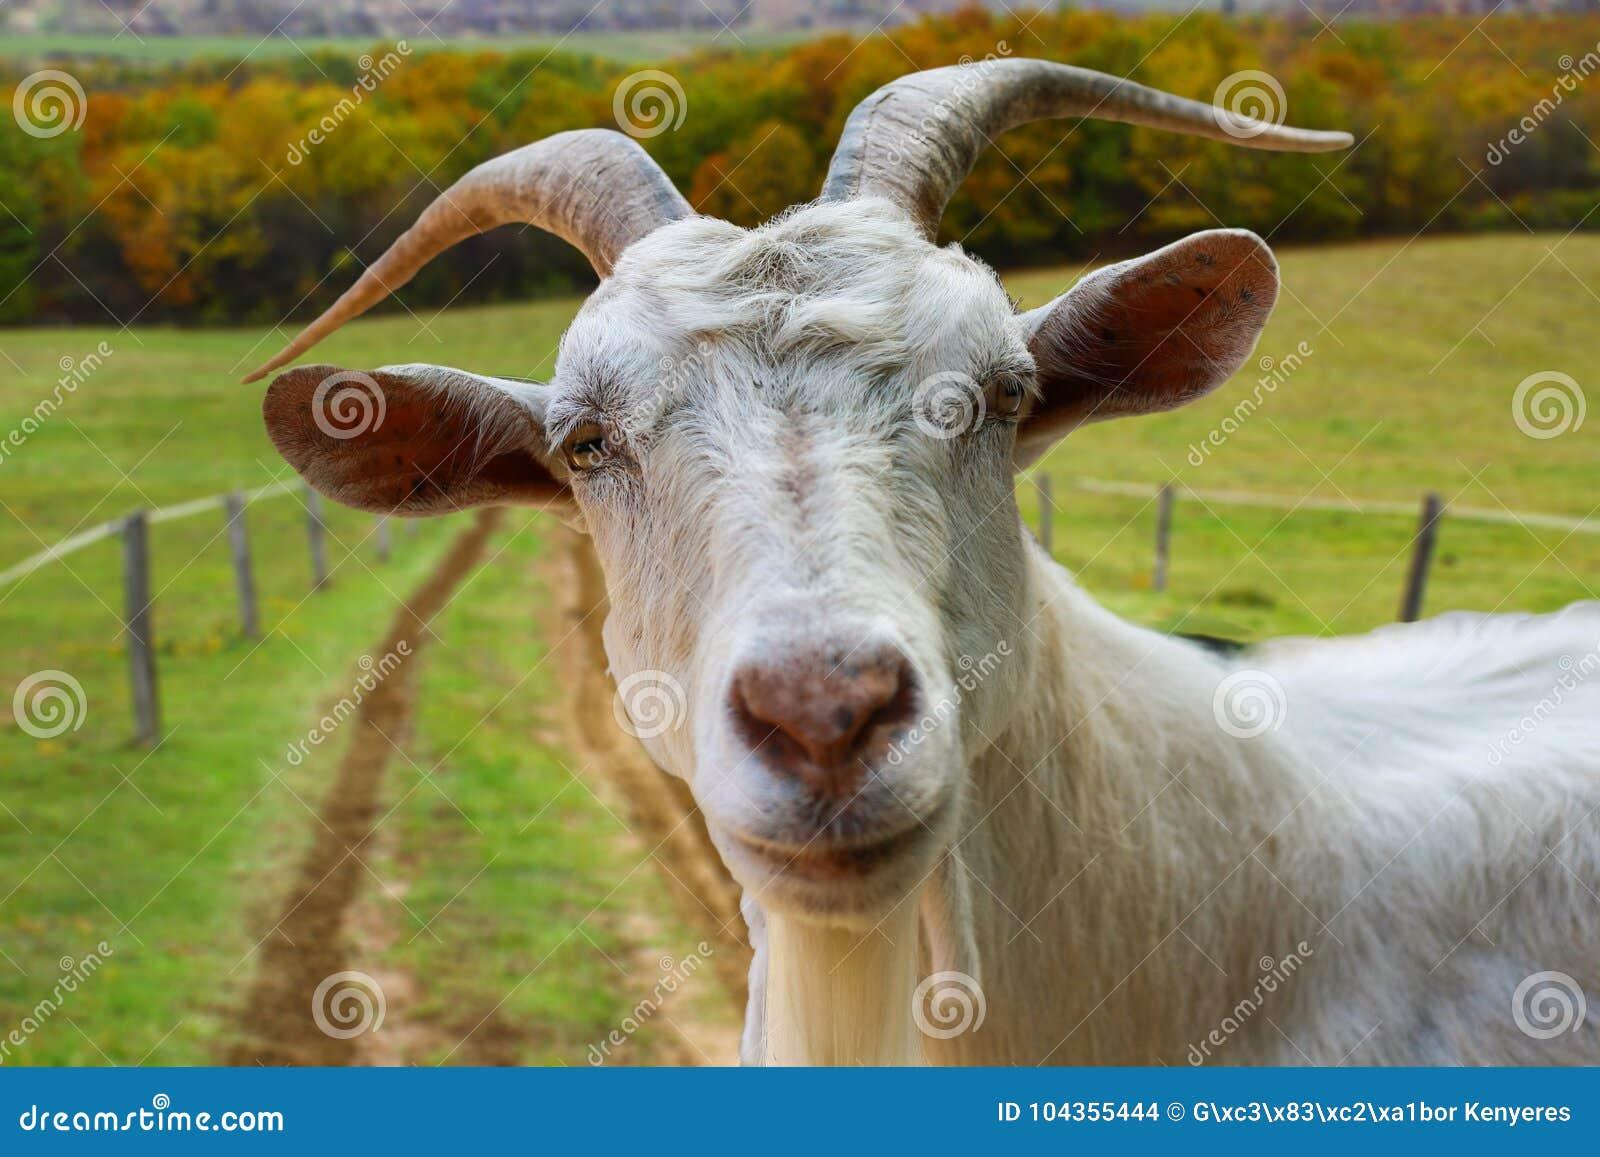 Ziegenporträt vom Bauernhof